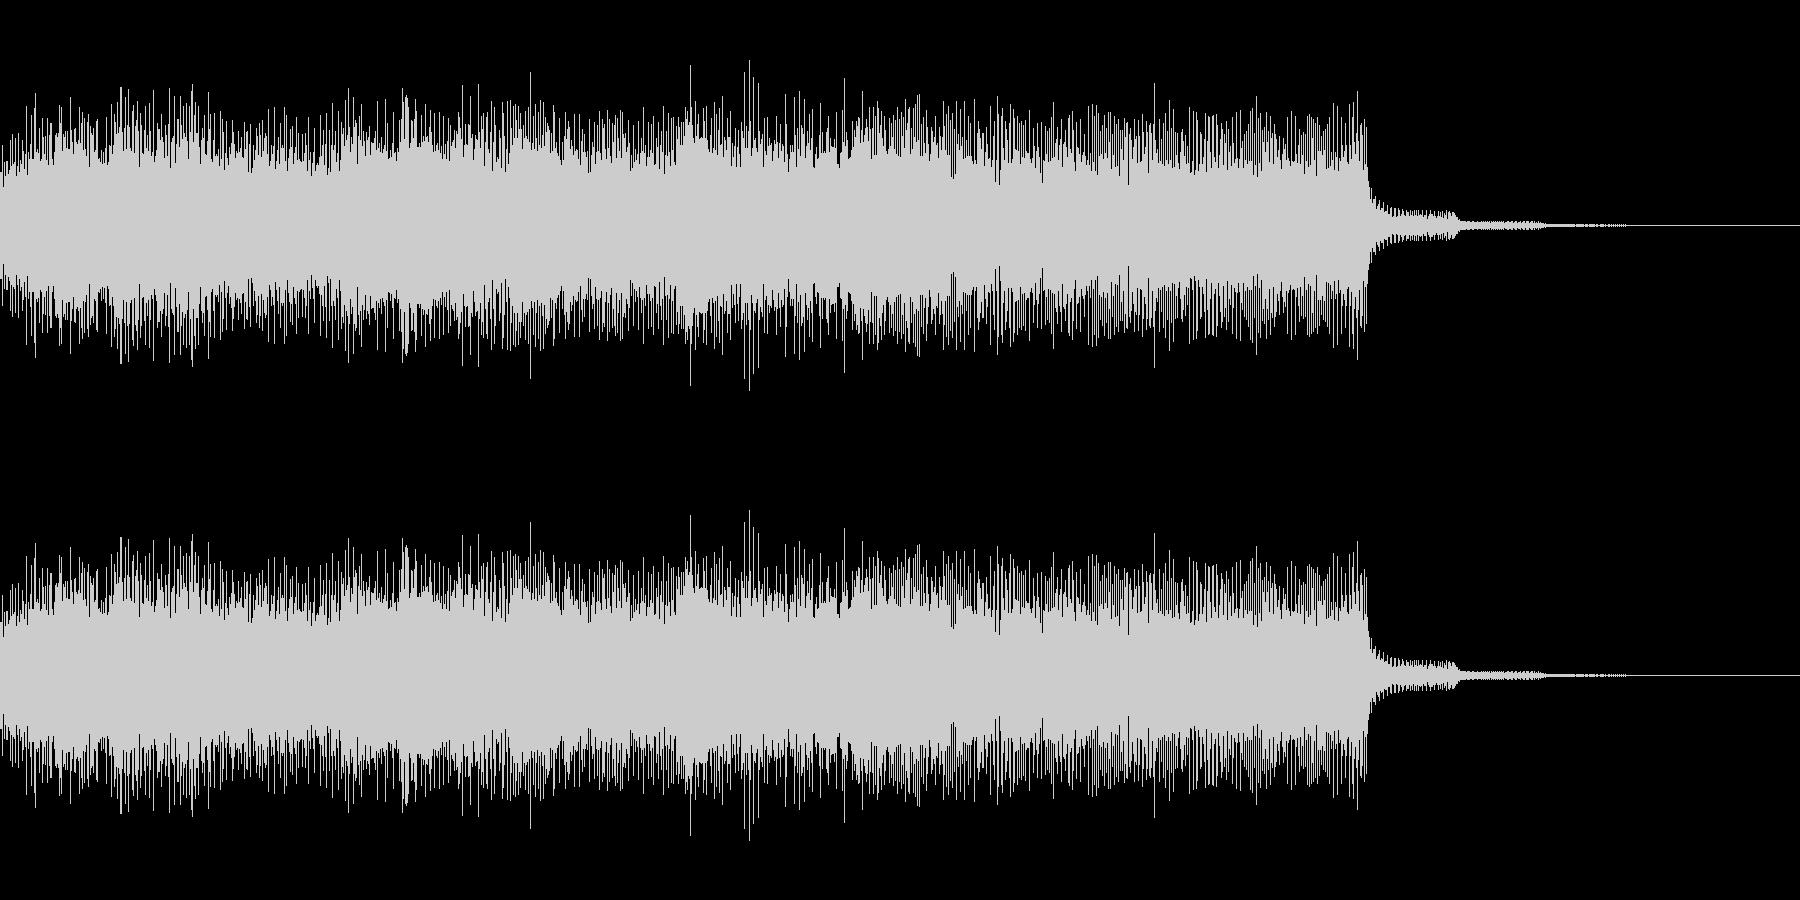 ファミコン風のサウンドのジングルです。…の未再生の波形